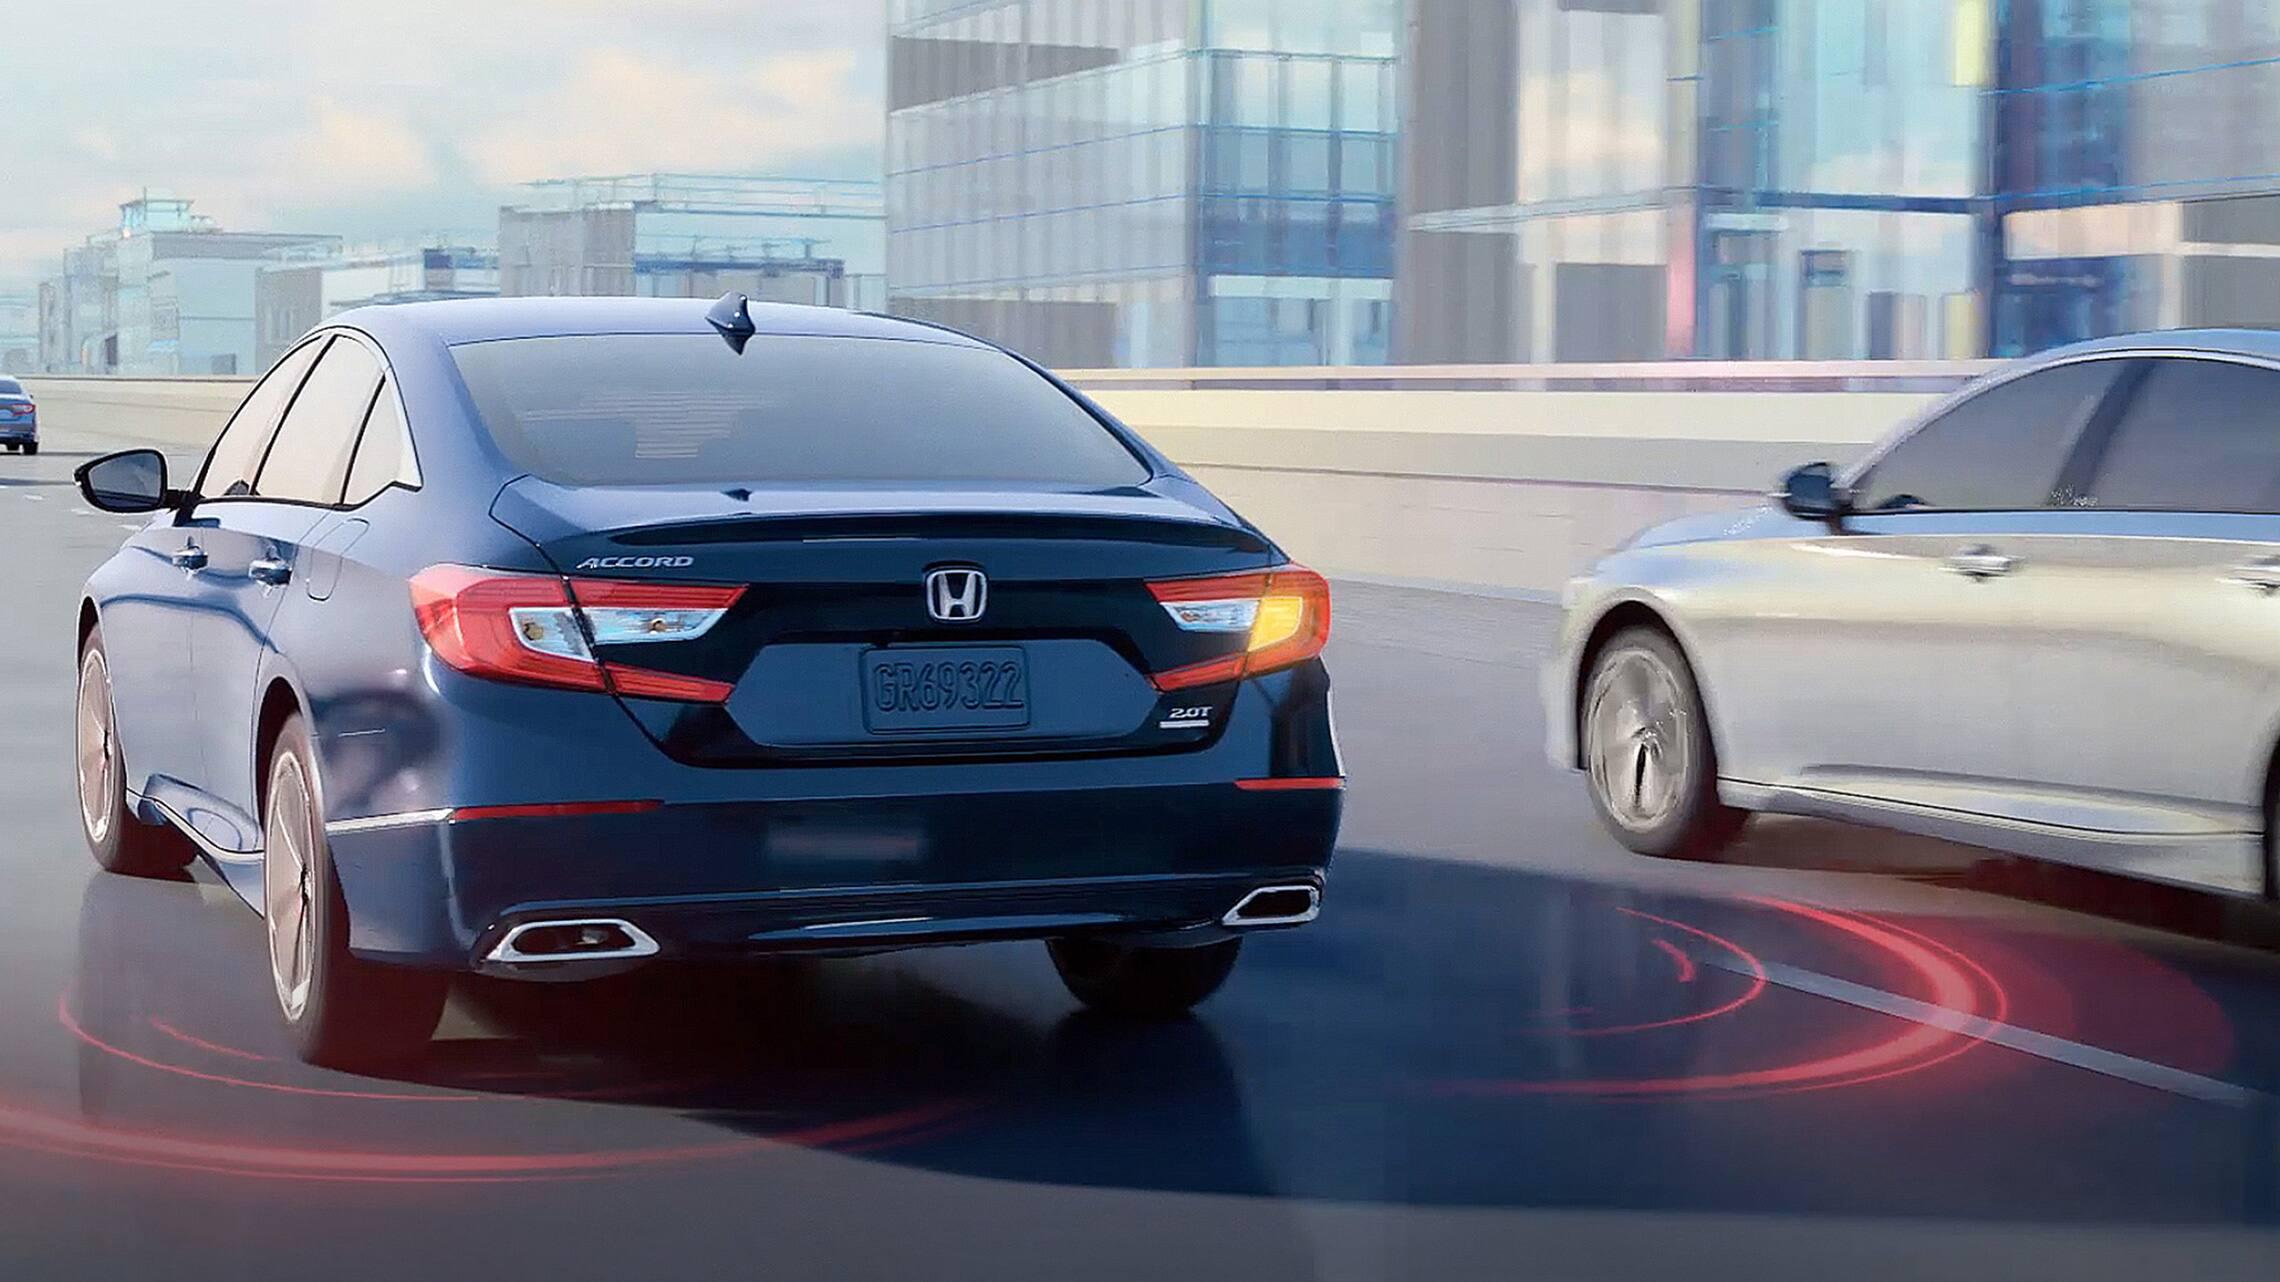 El Honda Accord2021 mostrando la característica del sistema de información de puntos ciegos.